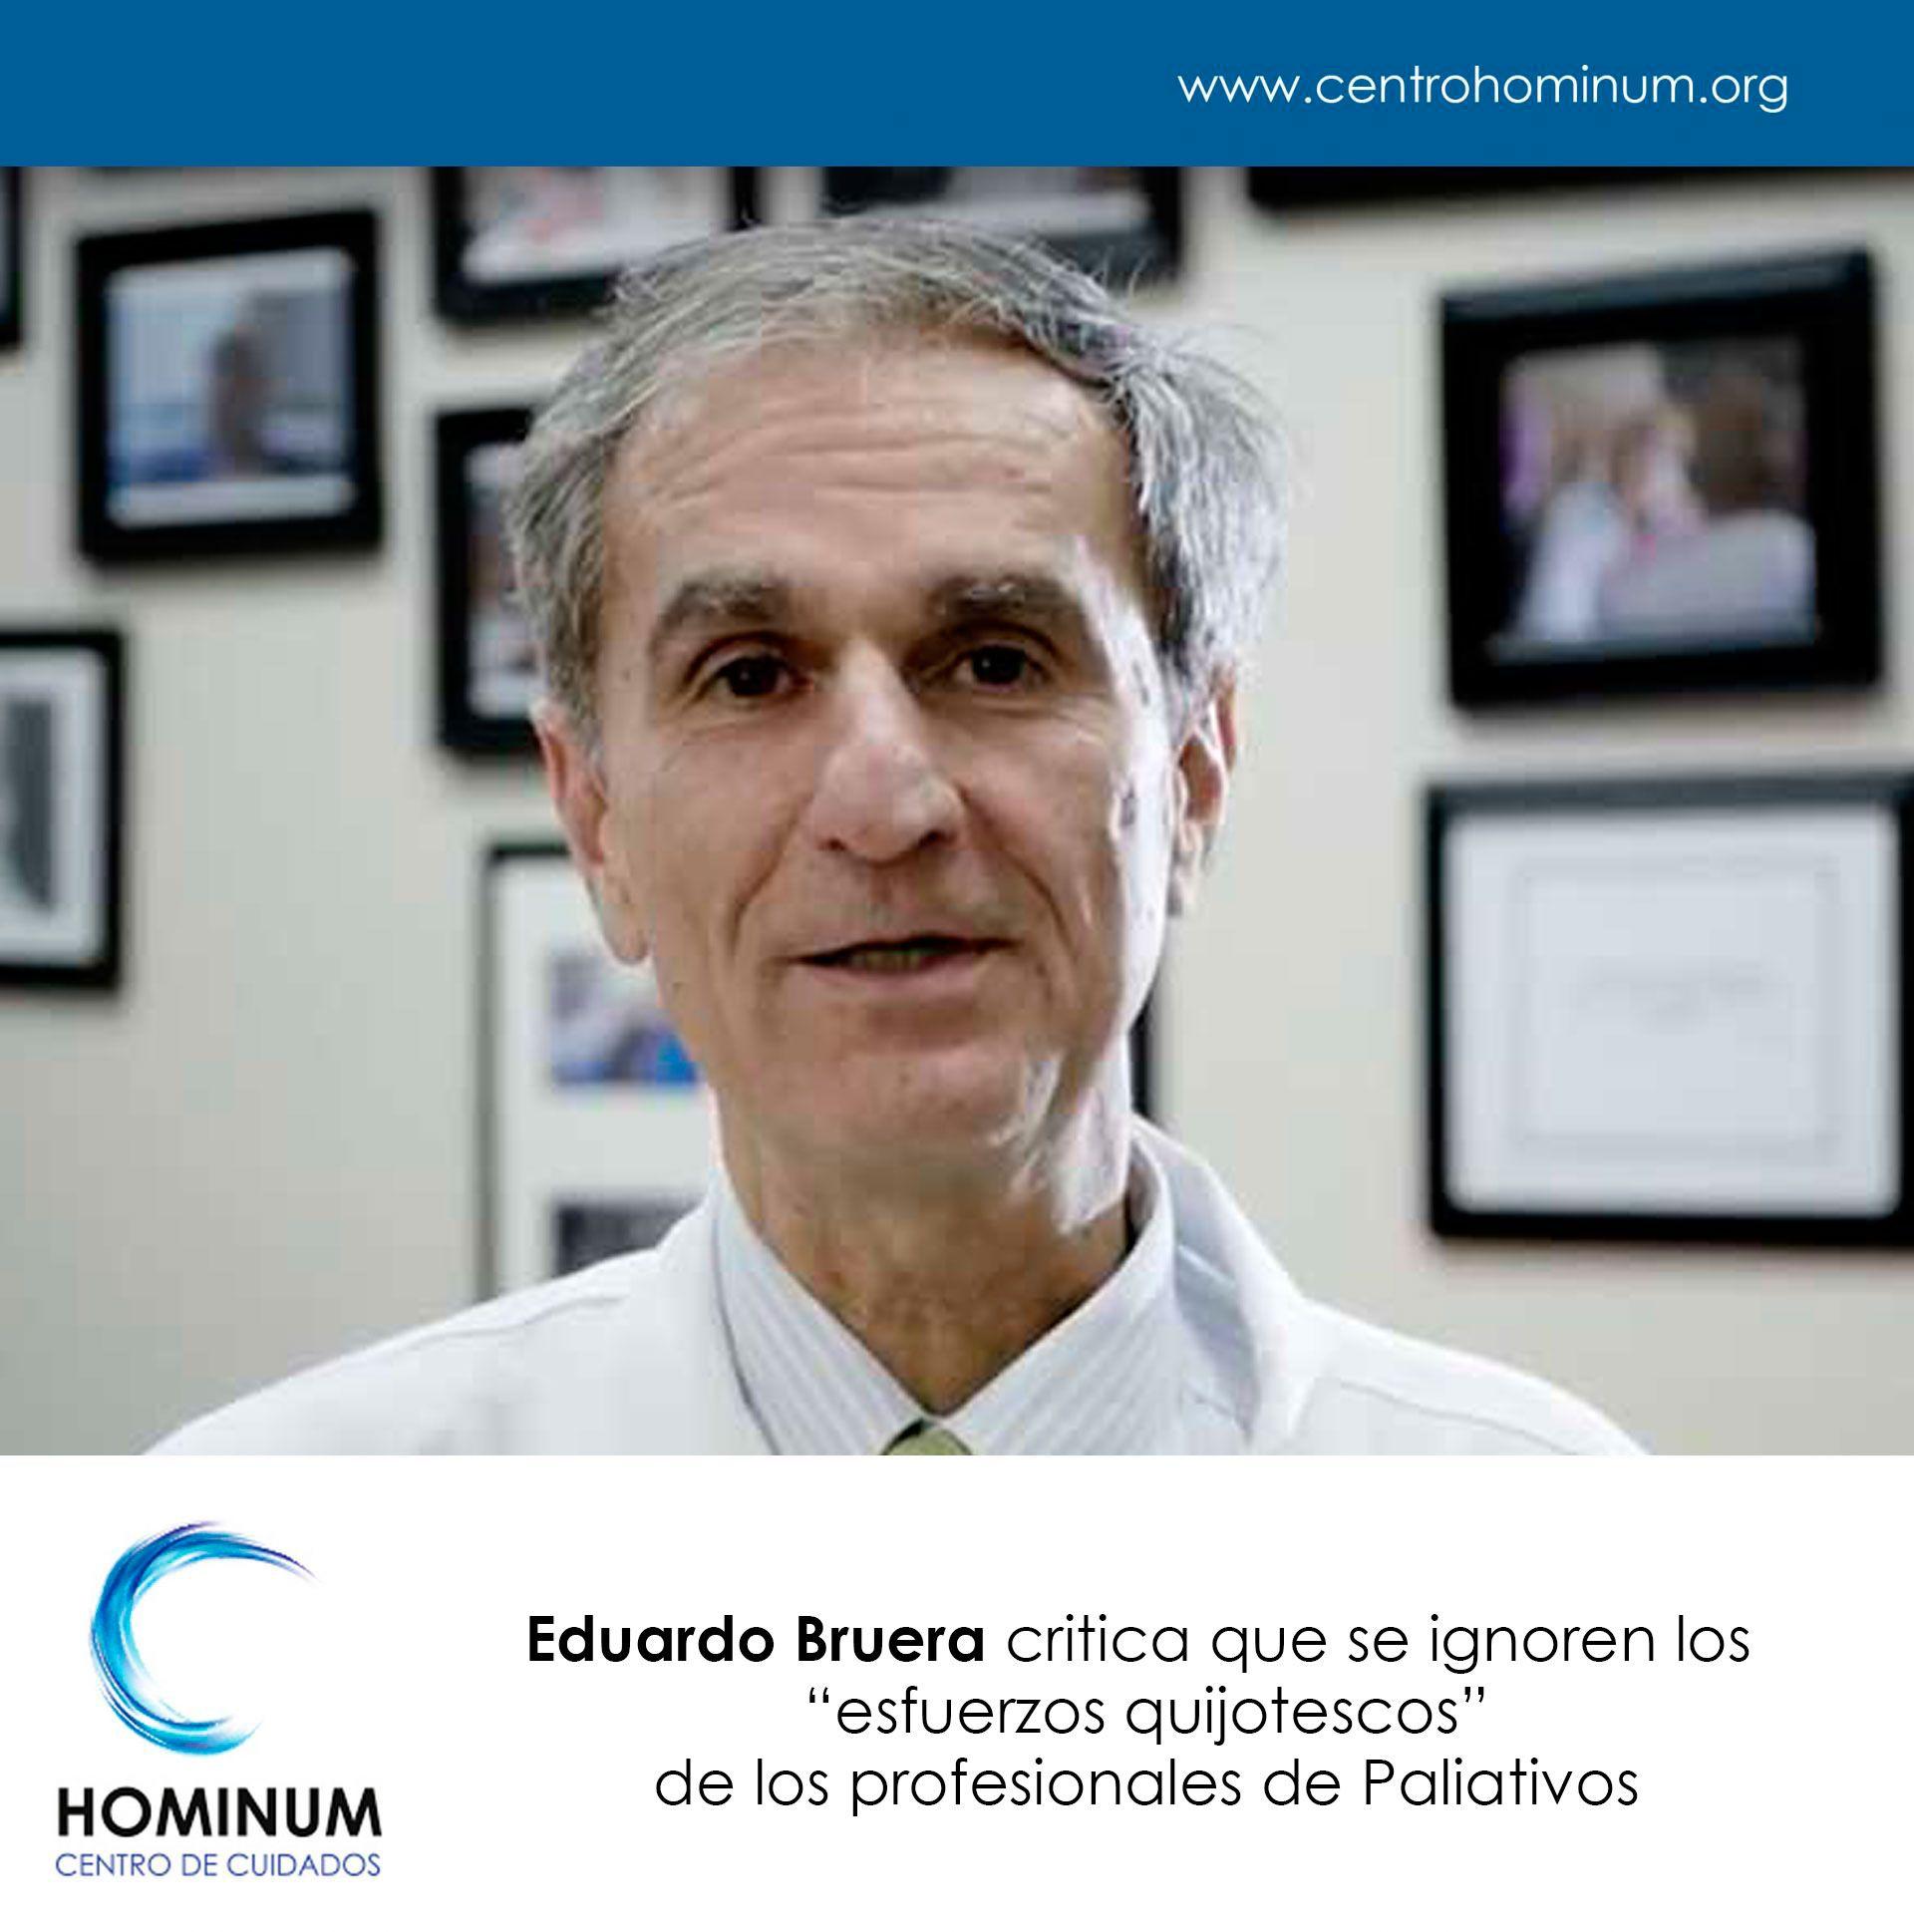 """Eduardo Bruera critica que se ignoren los """"esfuerzos quijotescos"""" de los profesionales de Paliativos"""